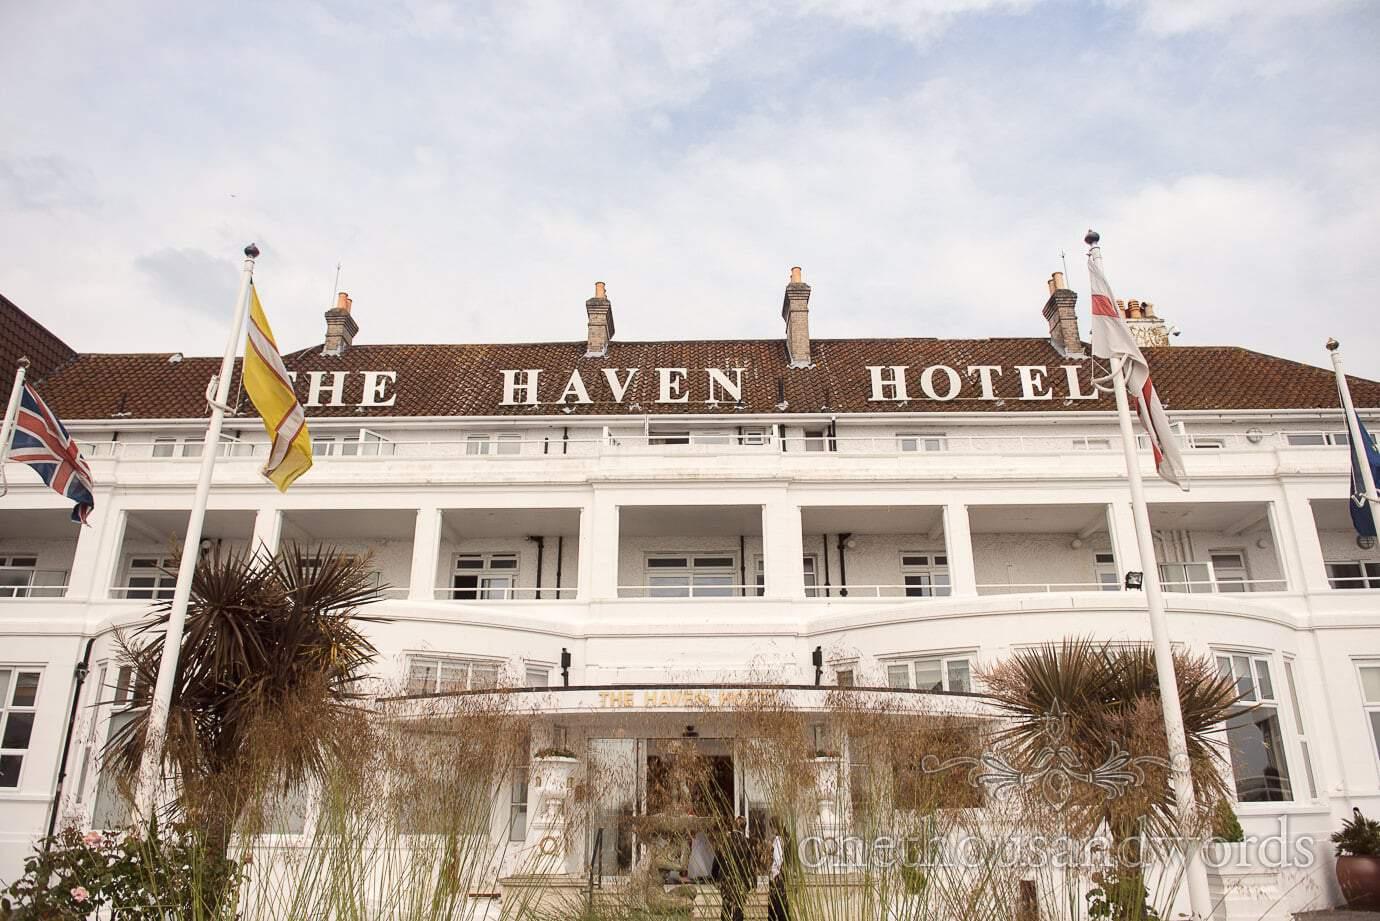 The Haven Hotel Wedding Venue by the sea in Sandbanks Dorset